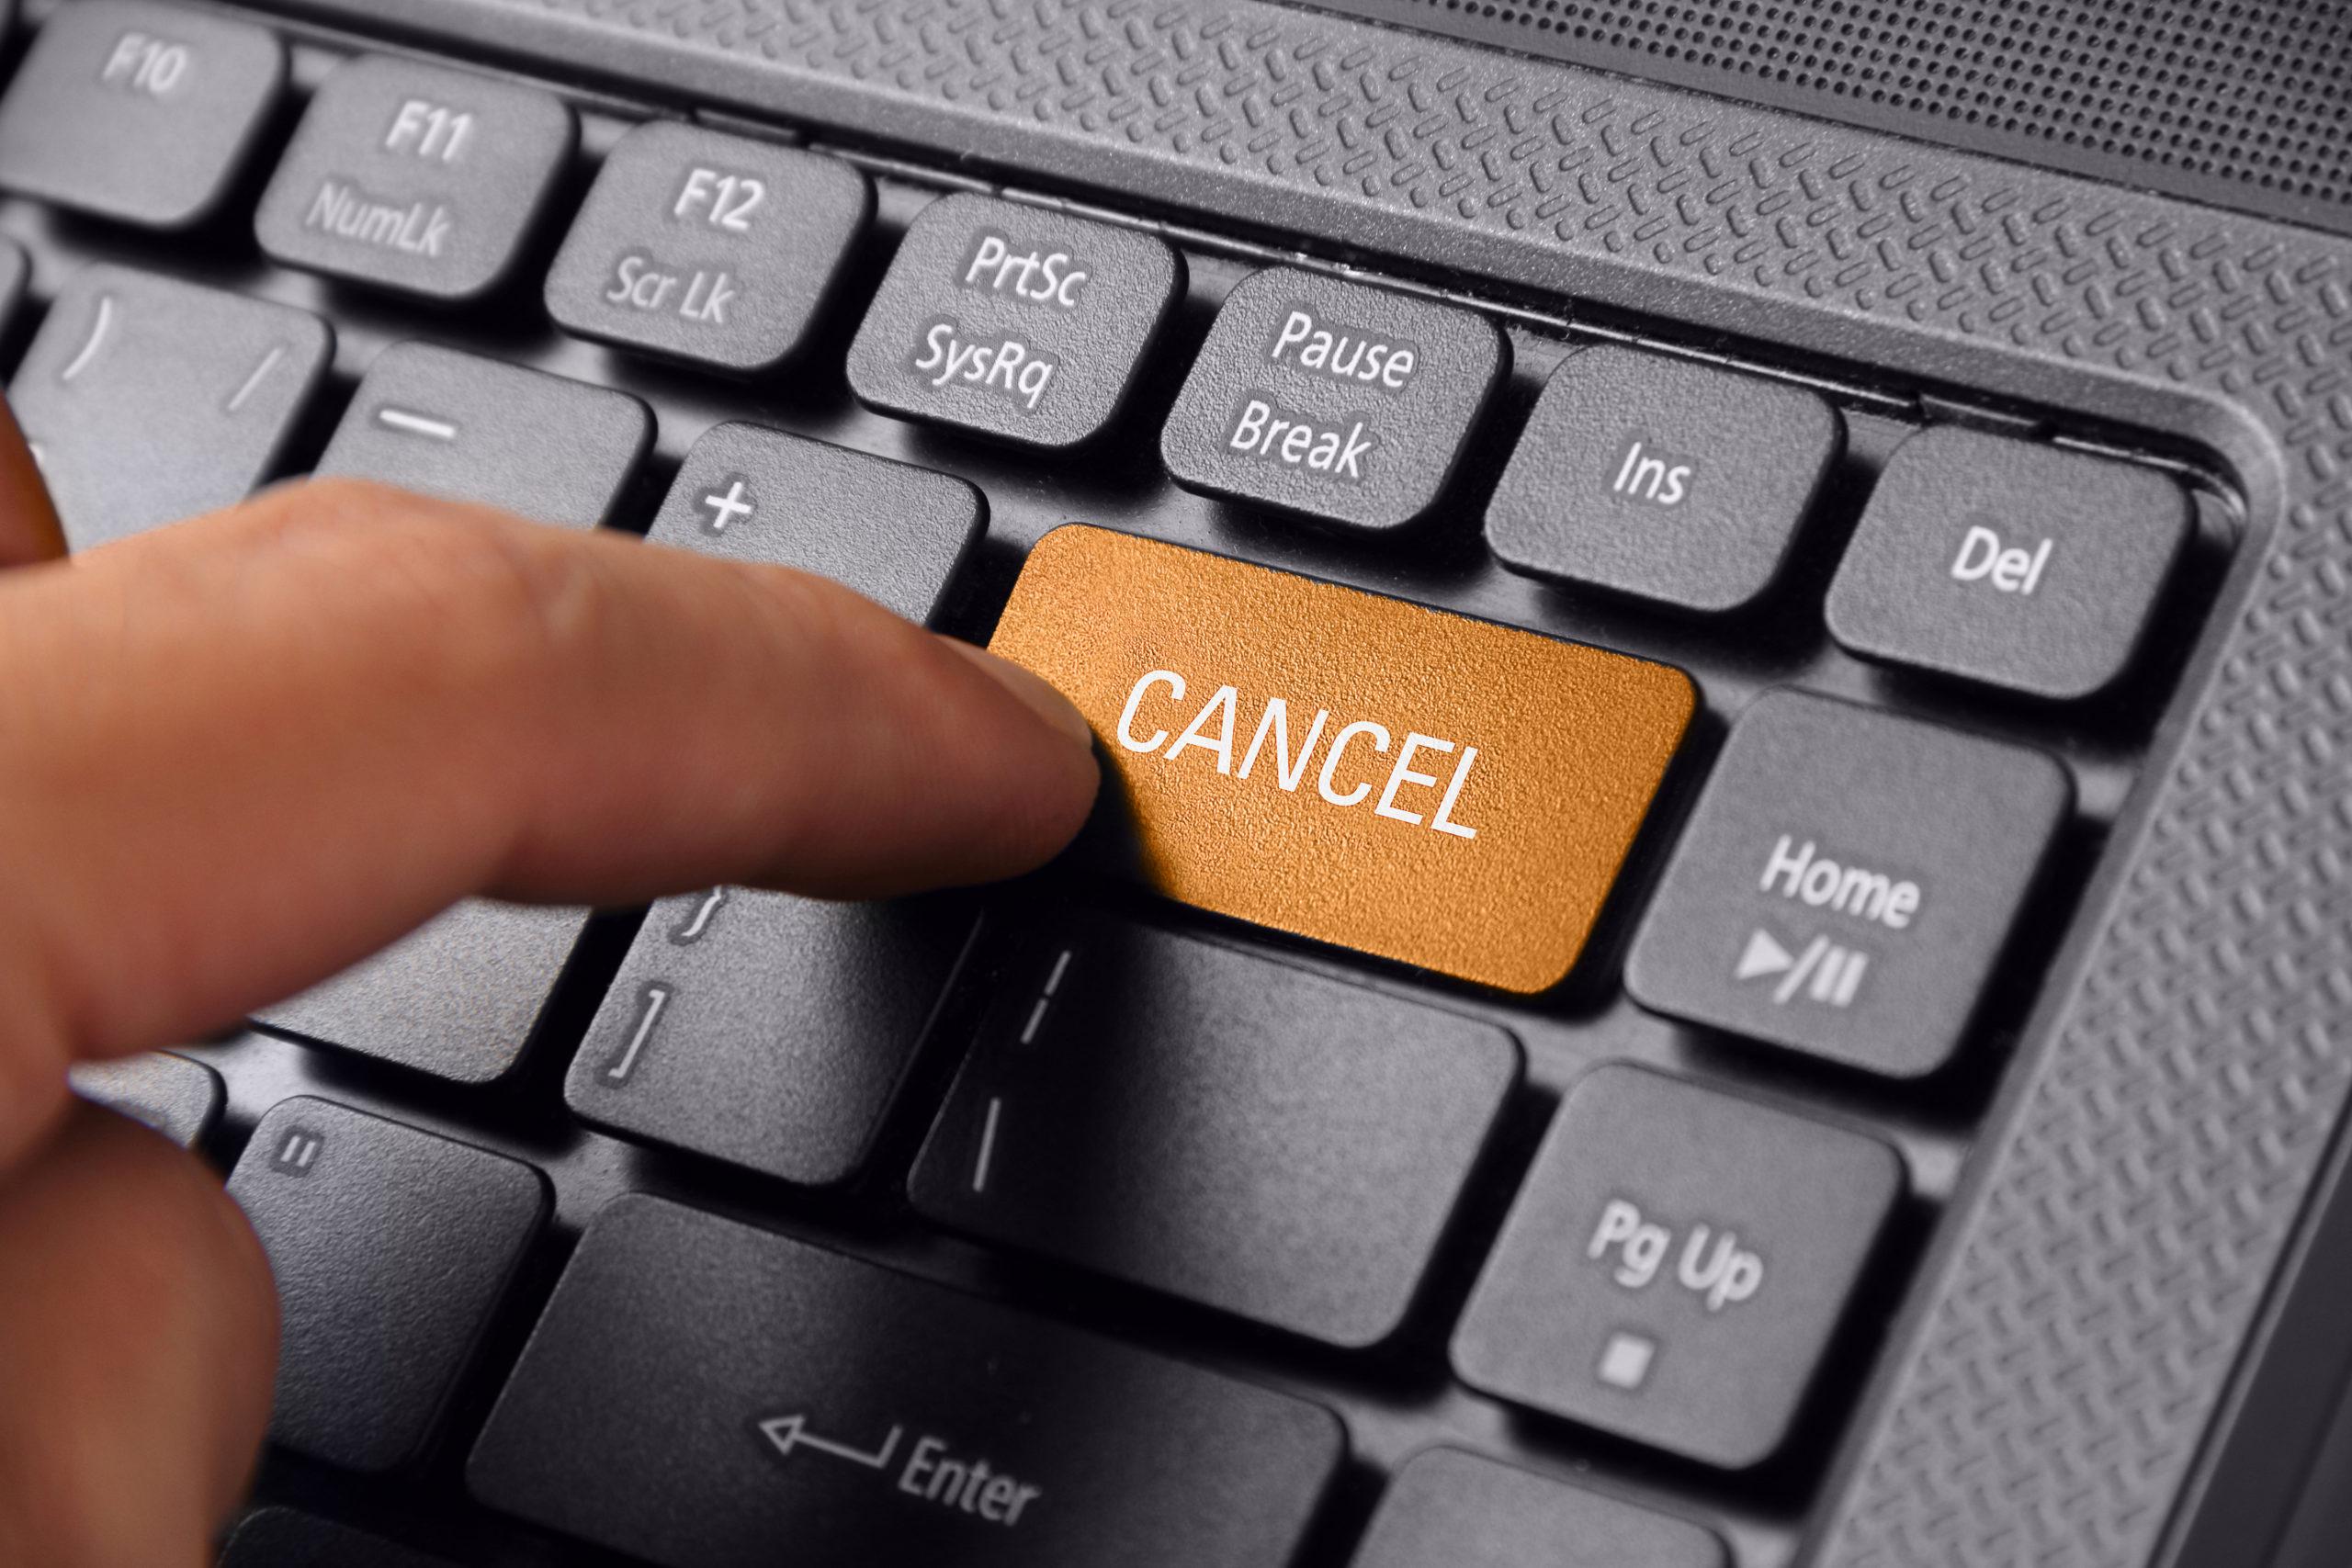 キャンセルボタンをクリック